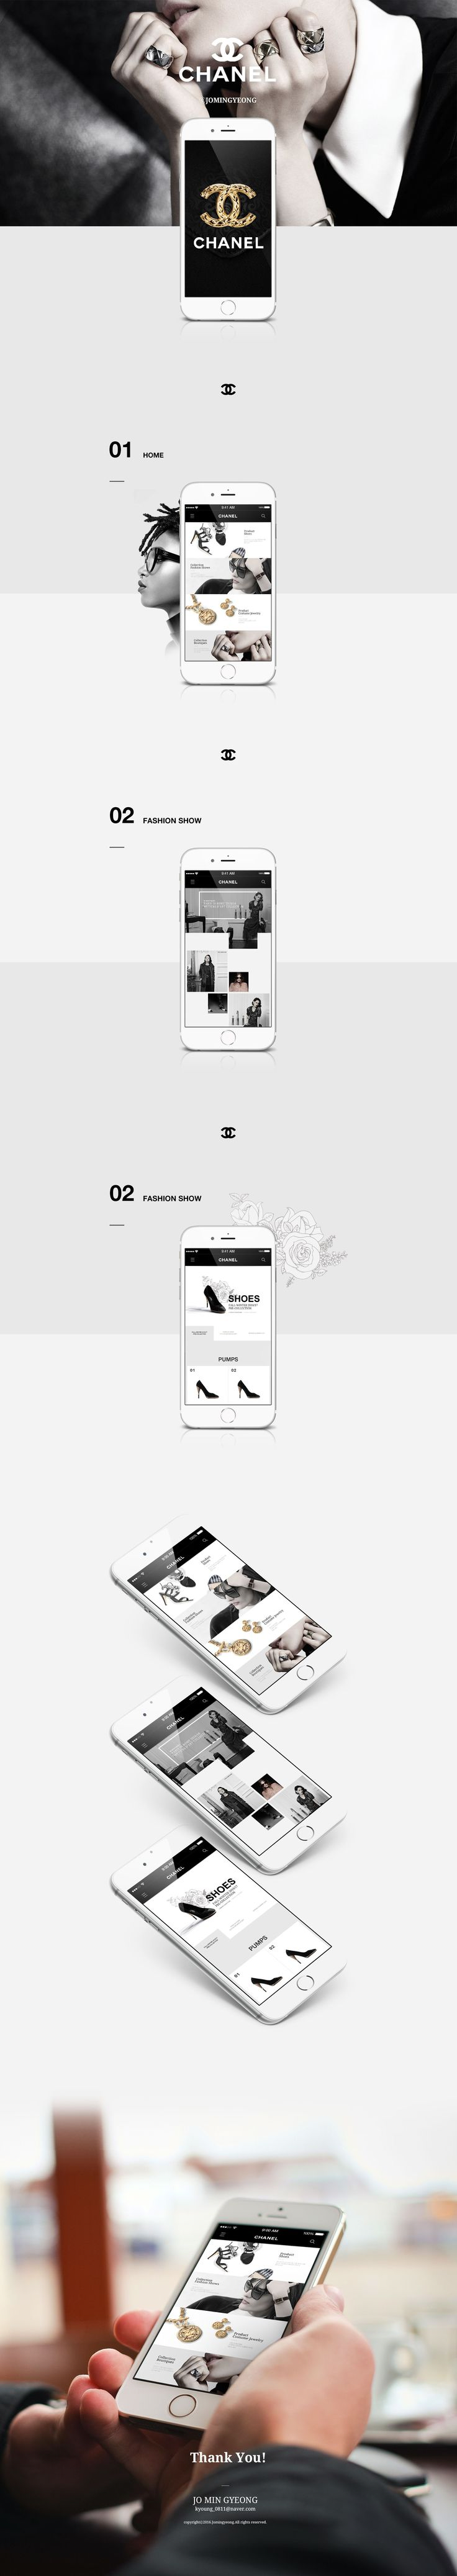 욱스웹디자인아카데미-UKSWEB Design Academy on Behance